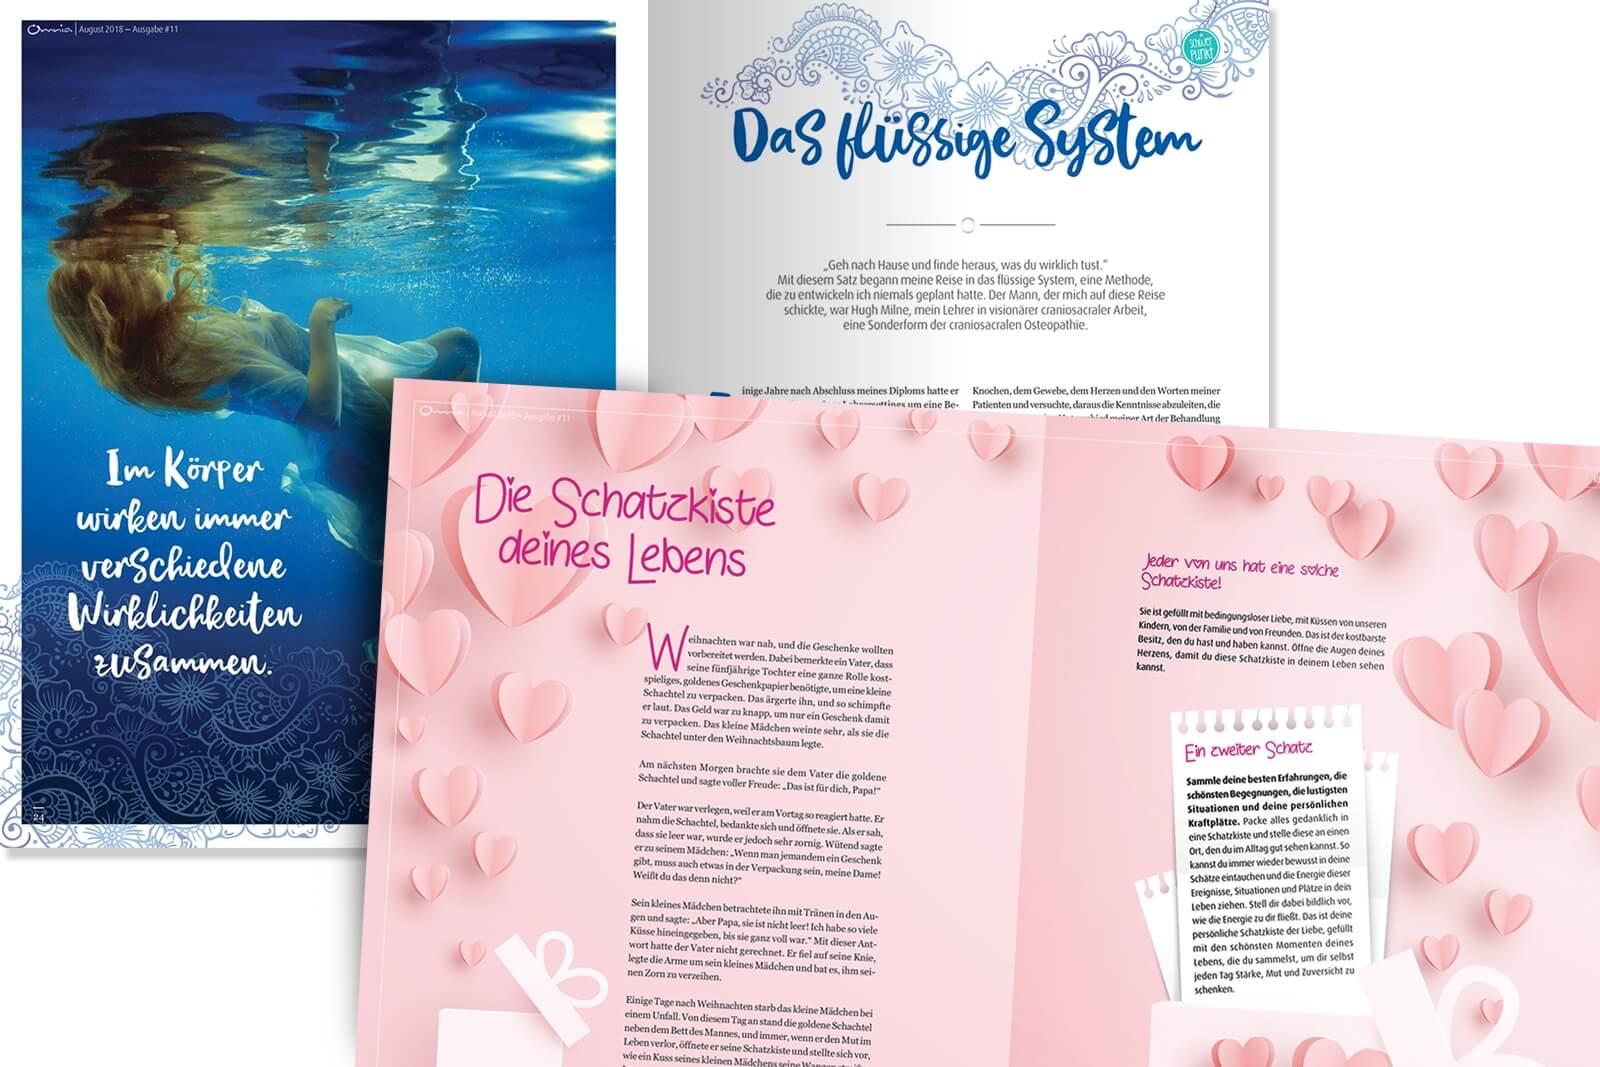 spirituelles Magazin Omnia Einblicke